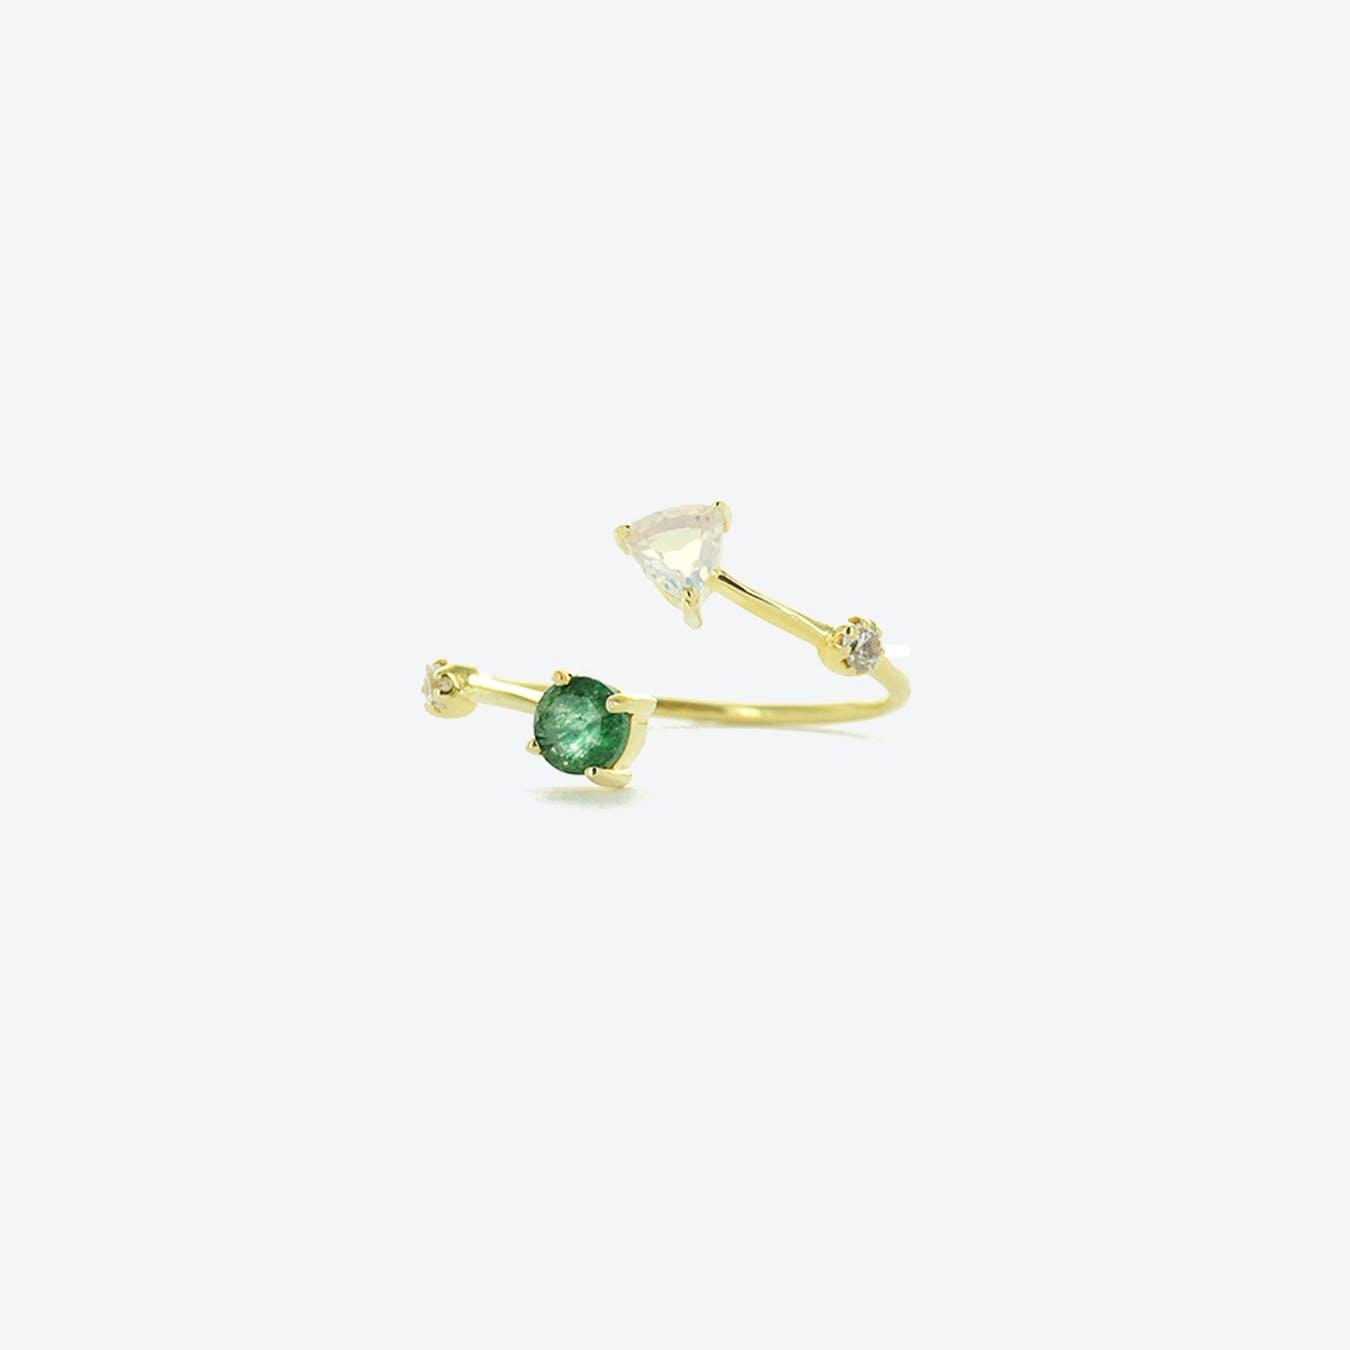 Galia Ring - Aventurine and Opalite